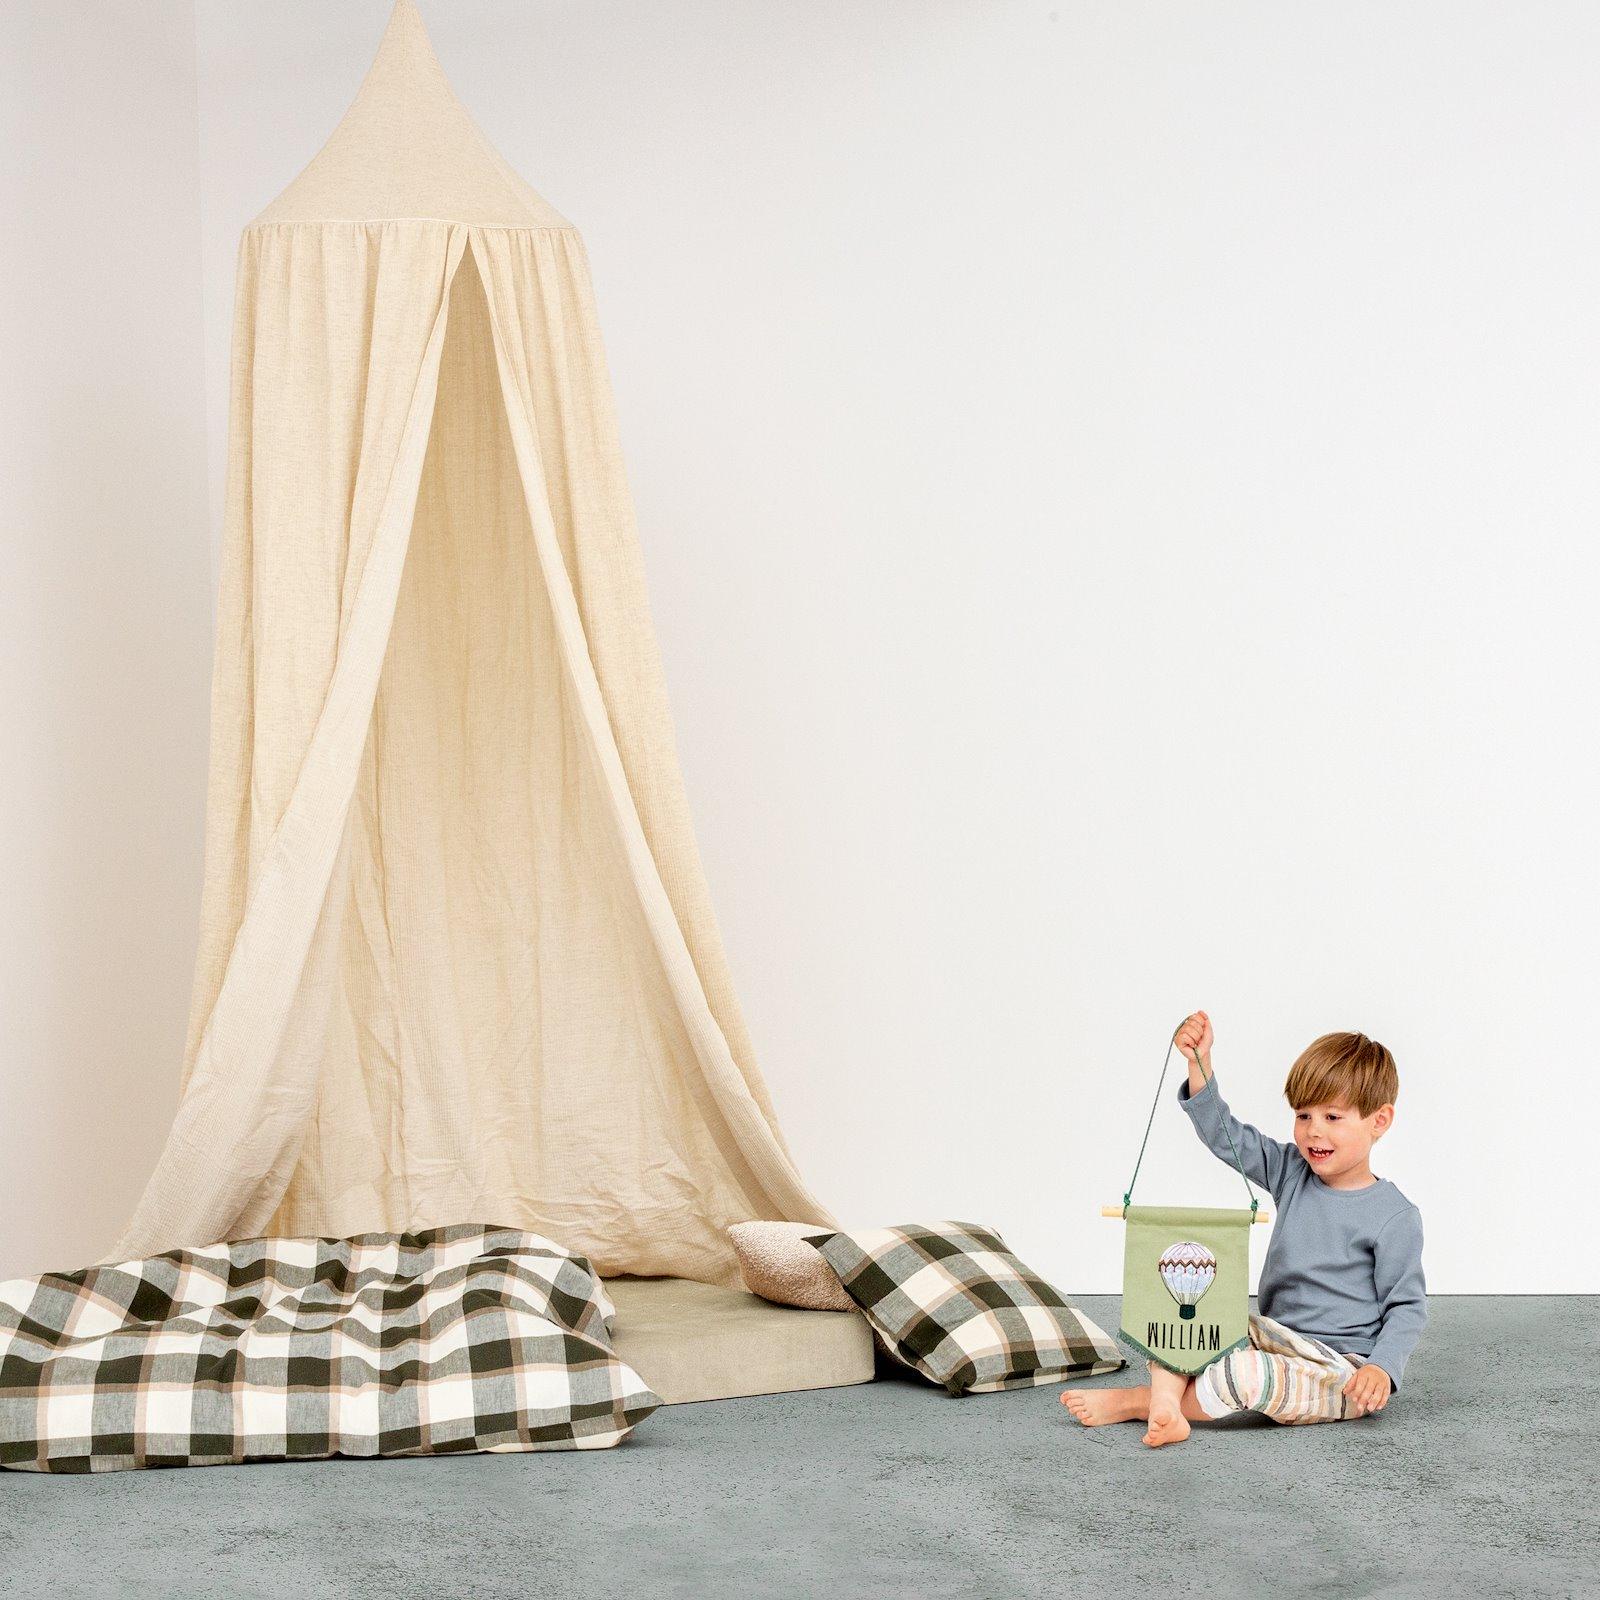 Upholstery velvet light khaki p90279_501903_p90076_816262_824161_DIY5015_824158_bundle